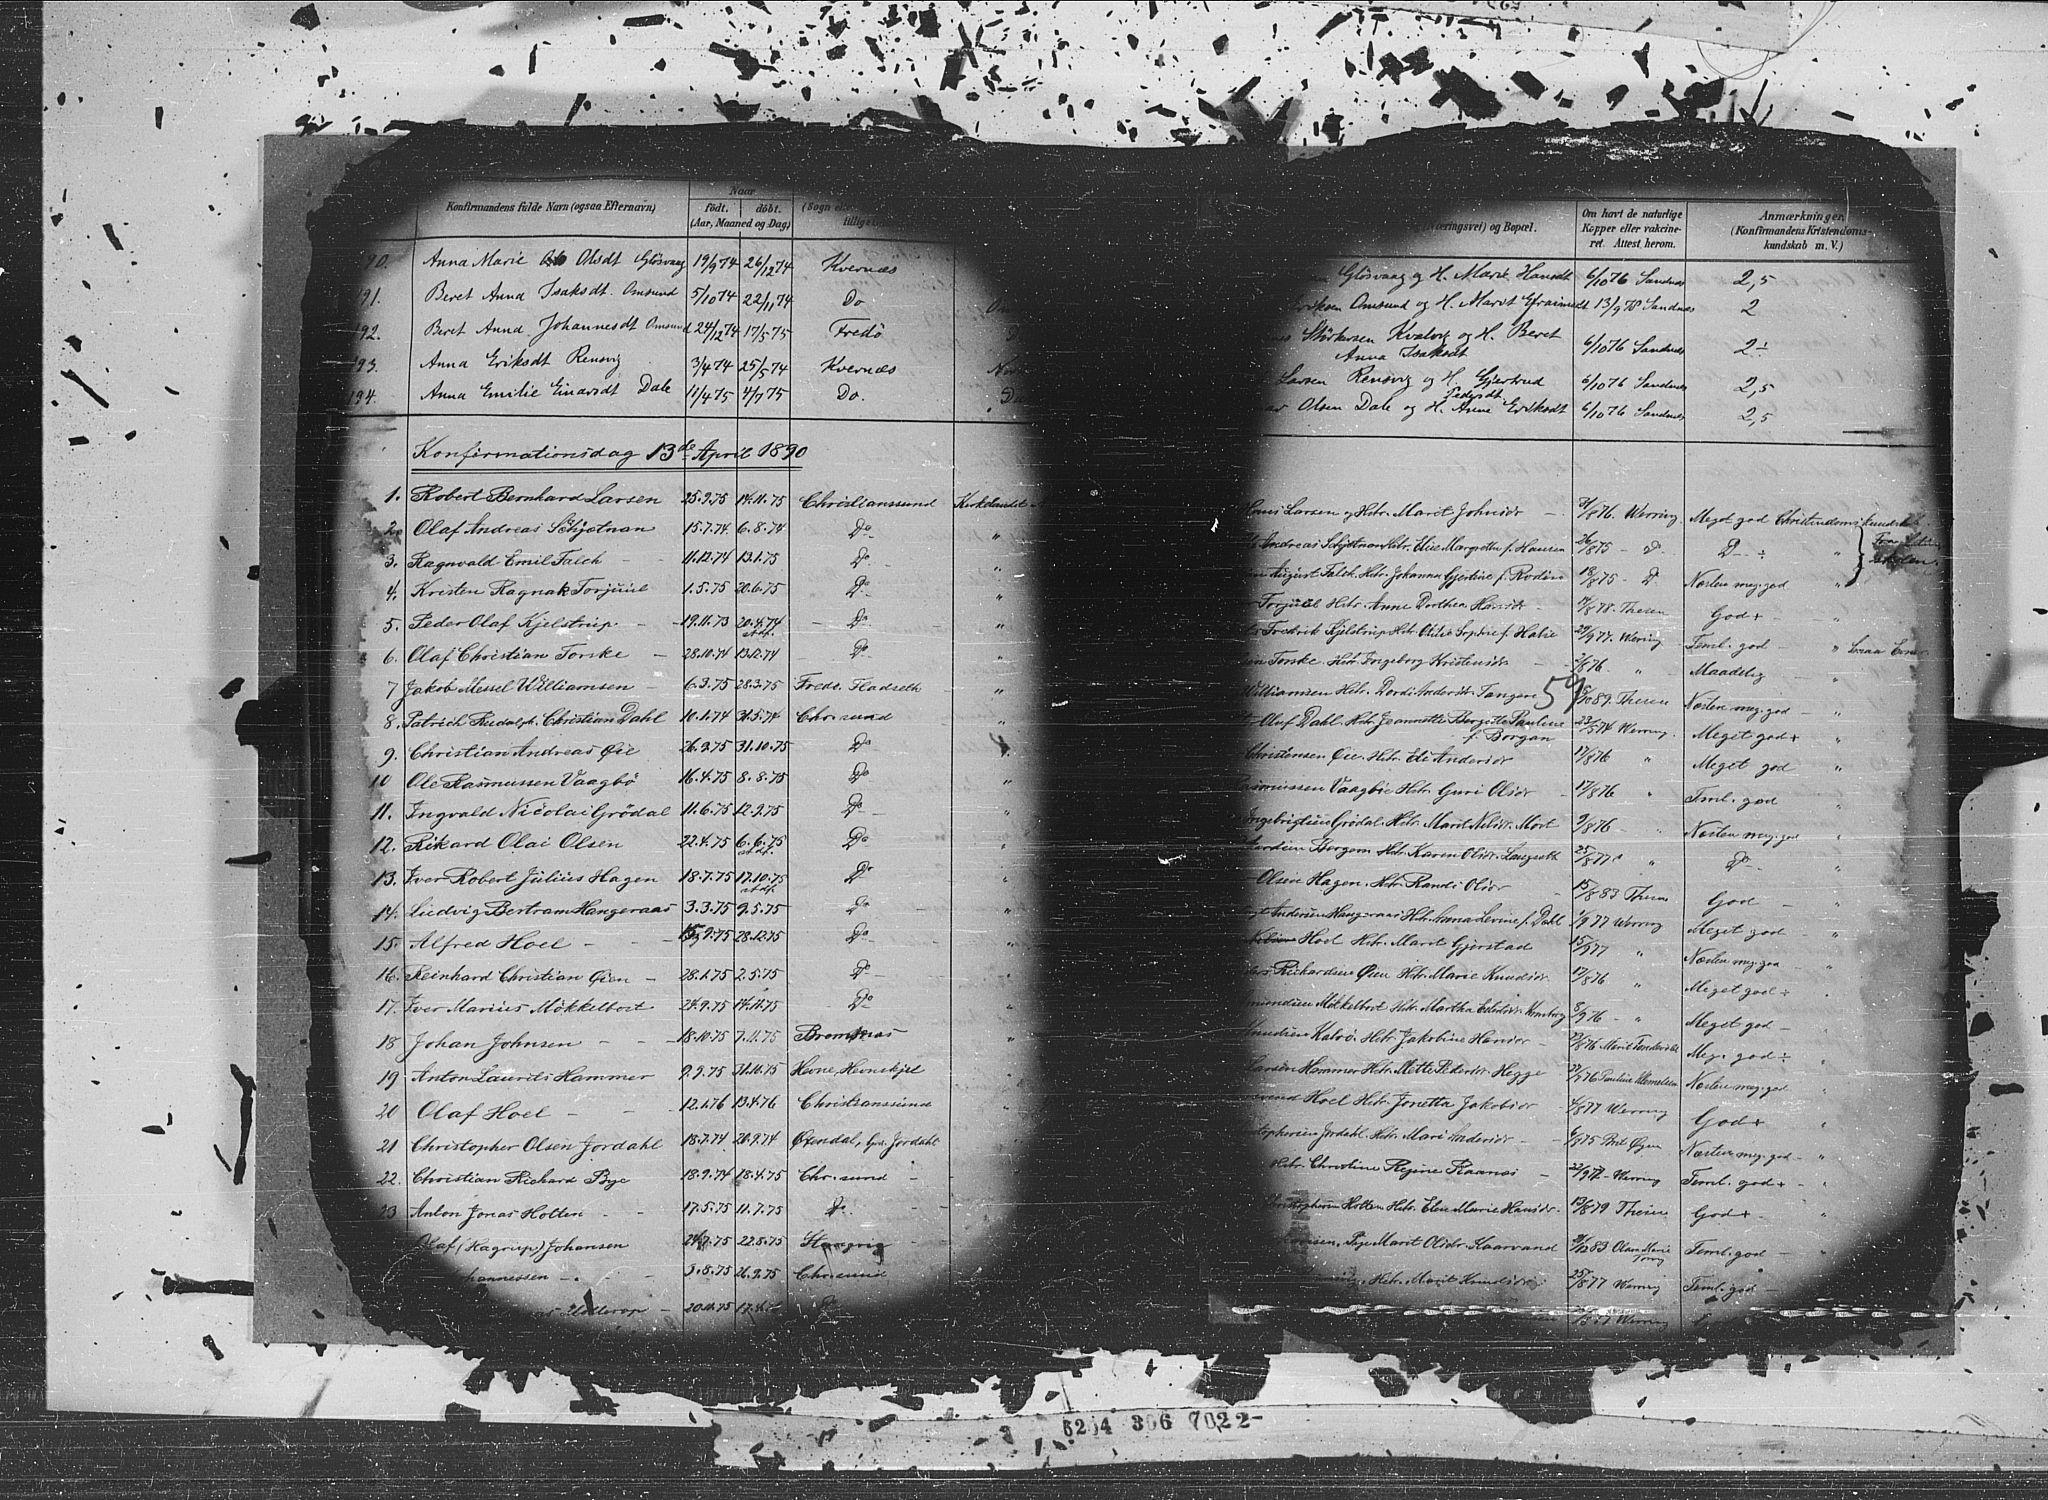 SAT, Ministerialprotokoller, klokkerbøker og fødselsregistre - Møre og Romsdal, 572/L0852: Ministerialbok nr. 572A15, 1880-1900, s. 59